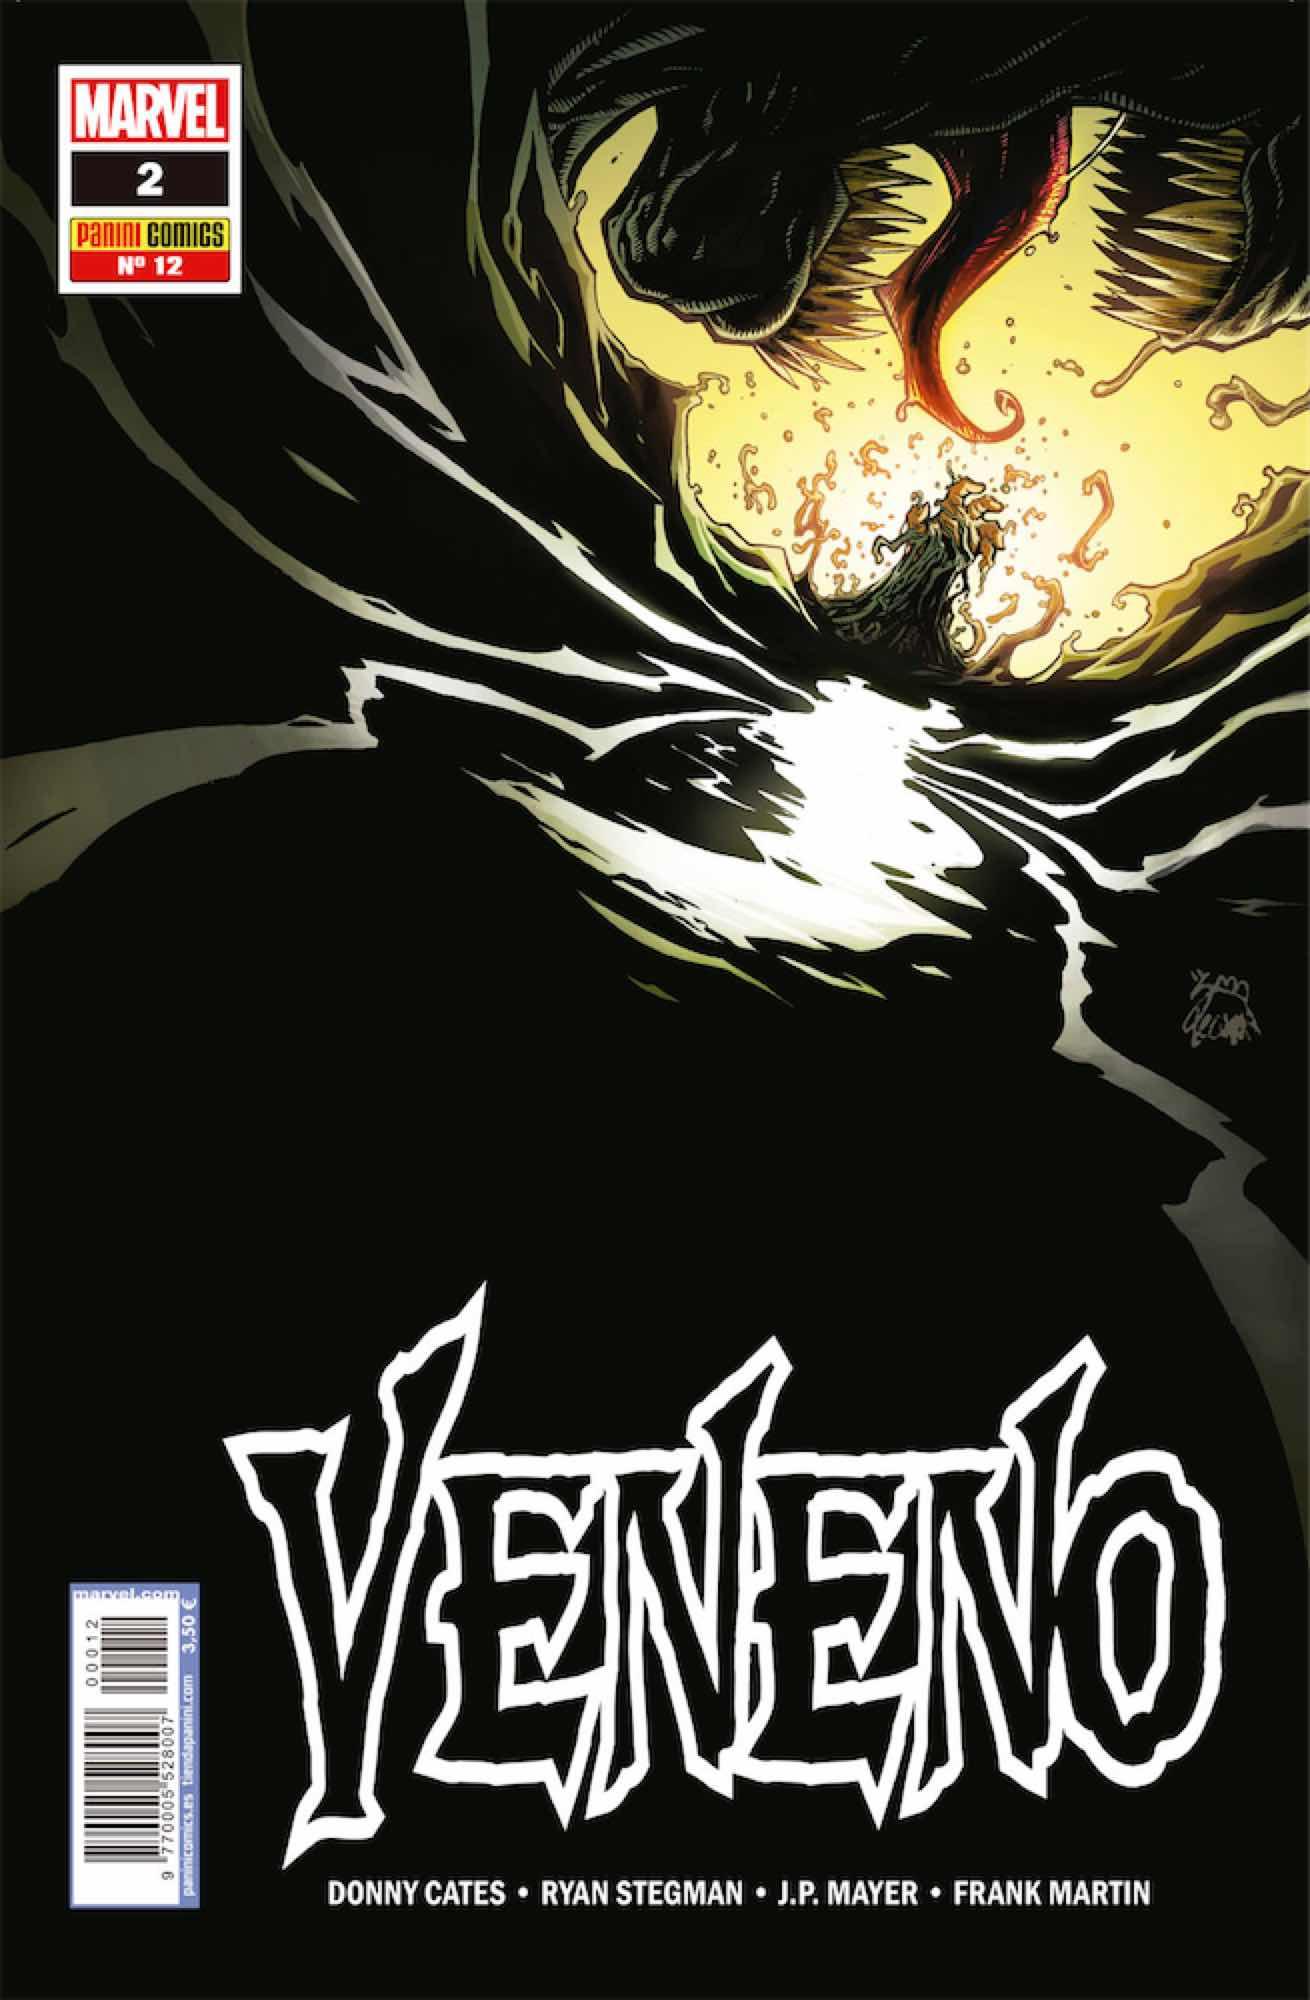 VENENO V2 12 (VENENO #2)